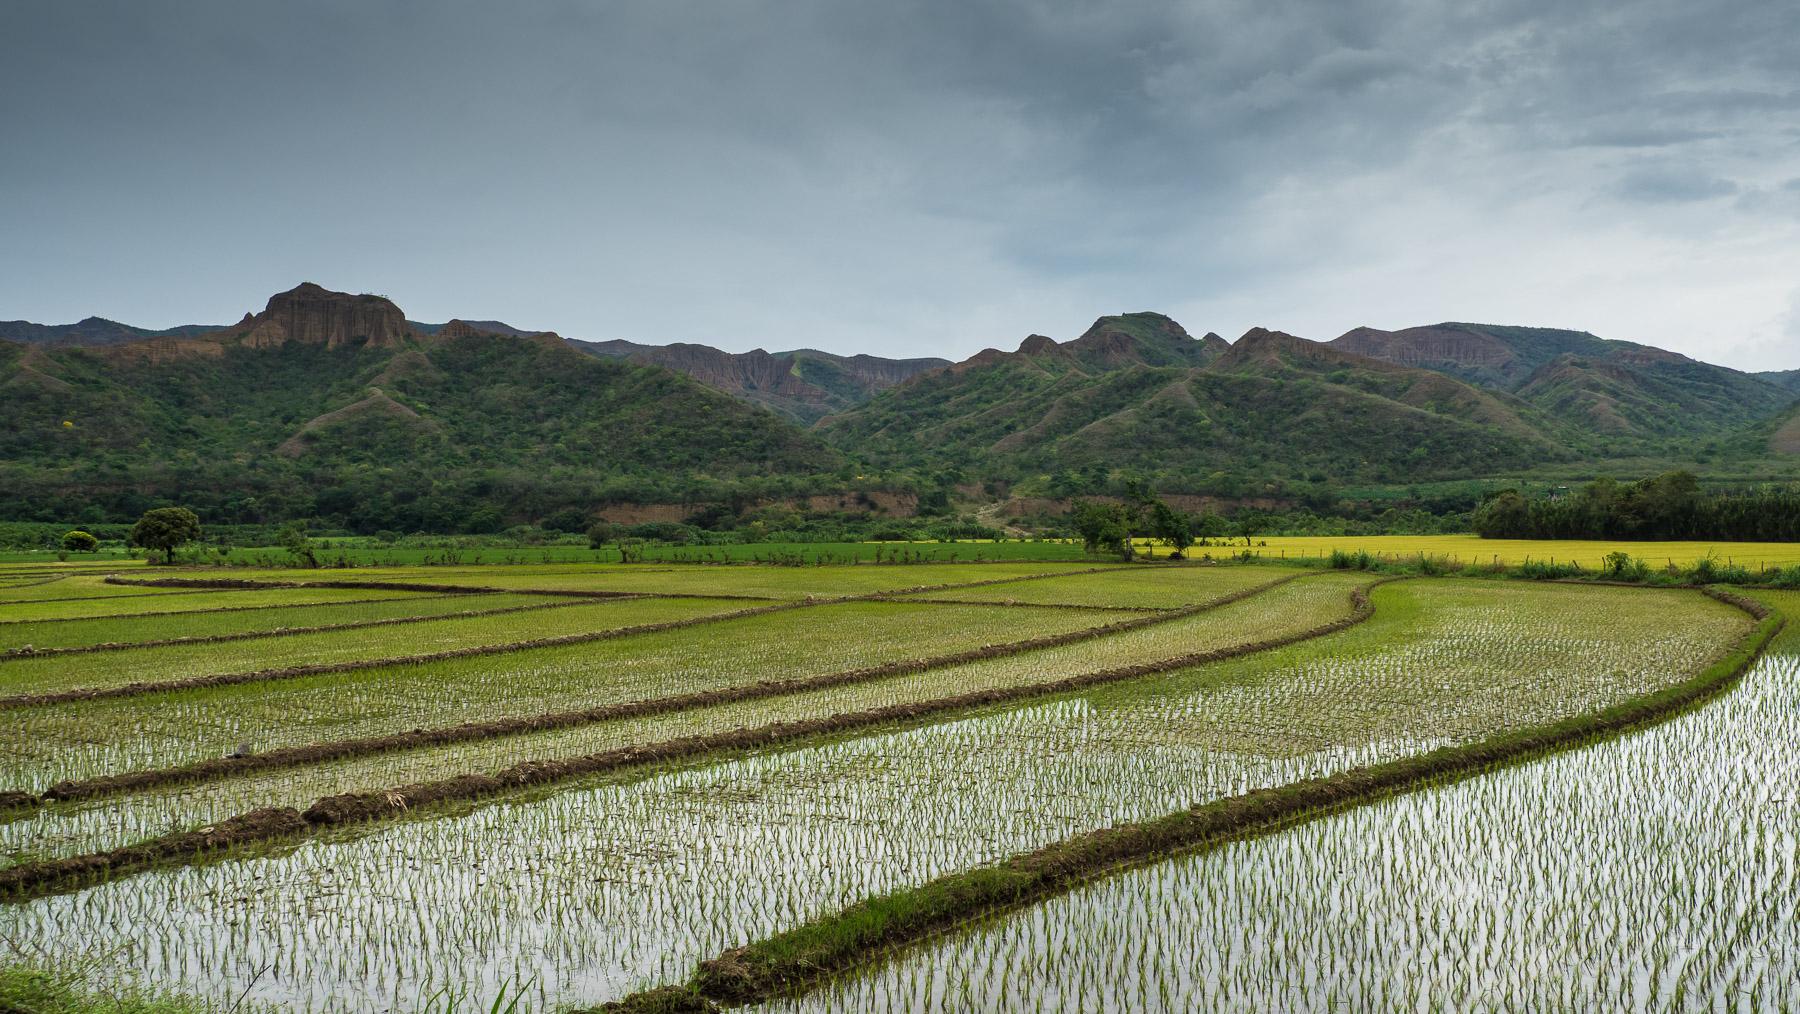 Überraschende erste Eindrücke in Peru: Reisfelder